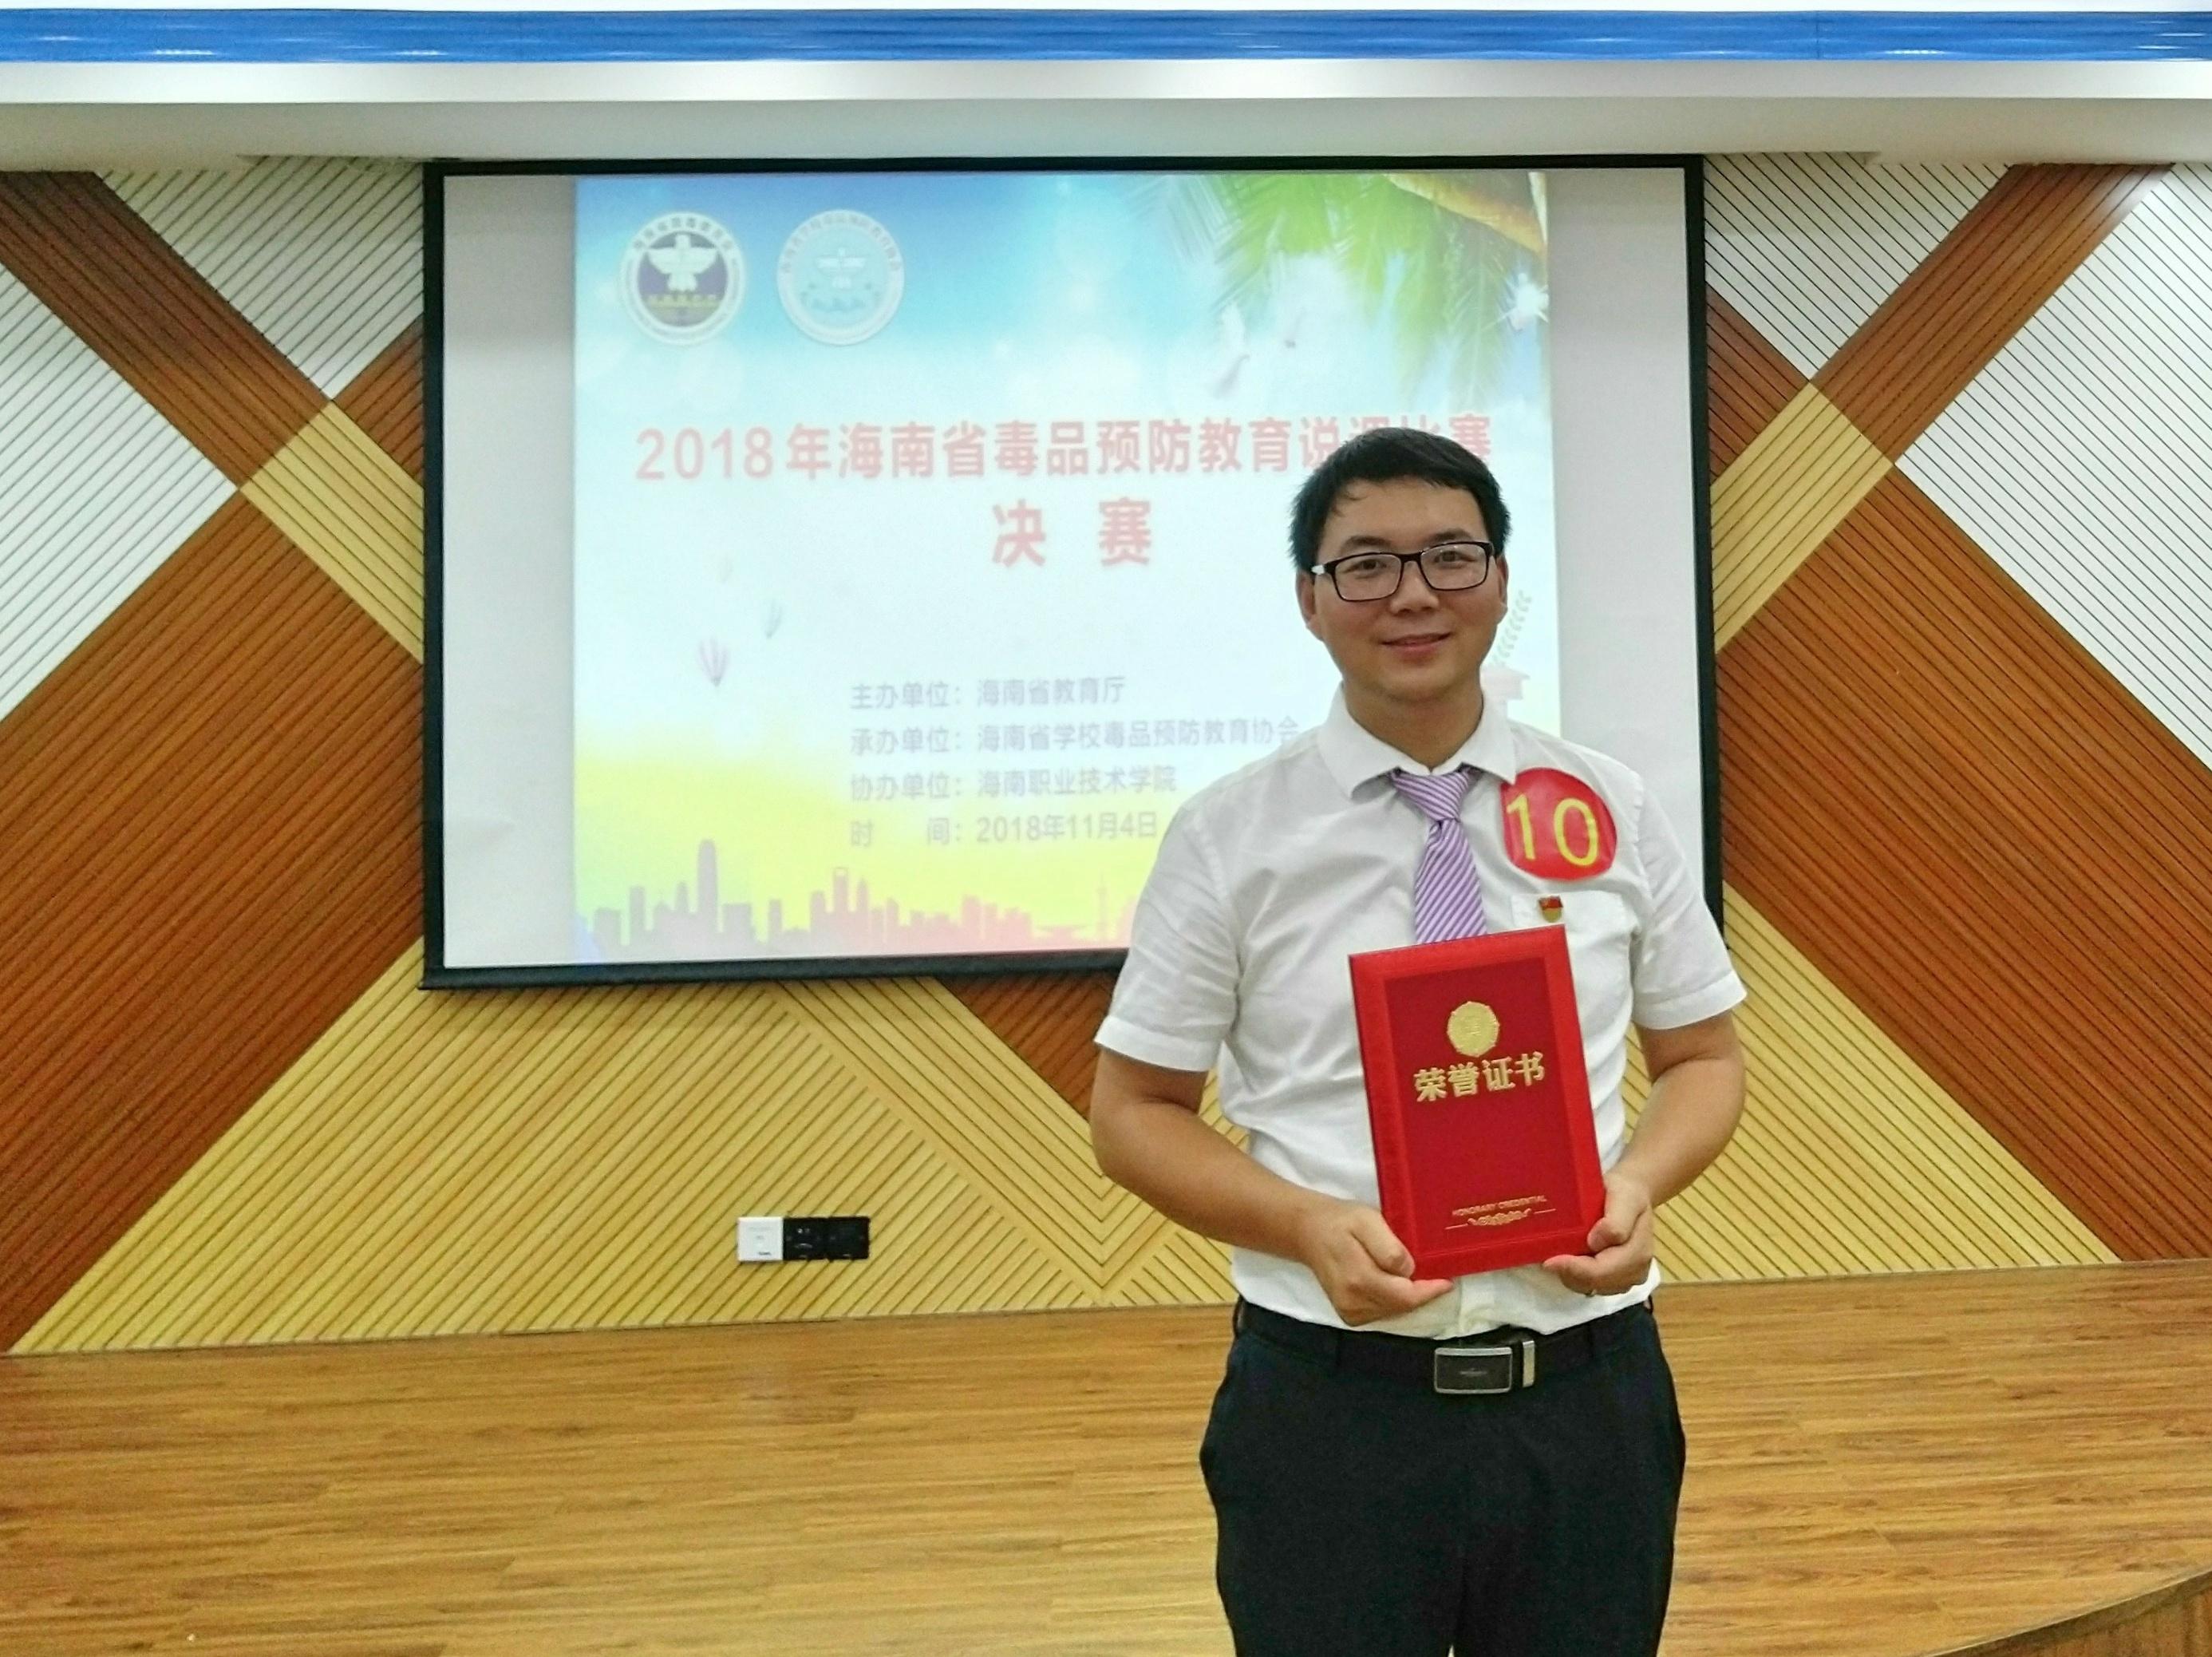 陈霆在省毒品预防教育说课(课件)比赛中荣获两个一等奖